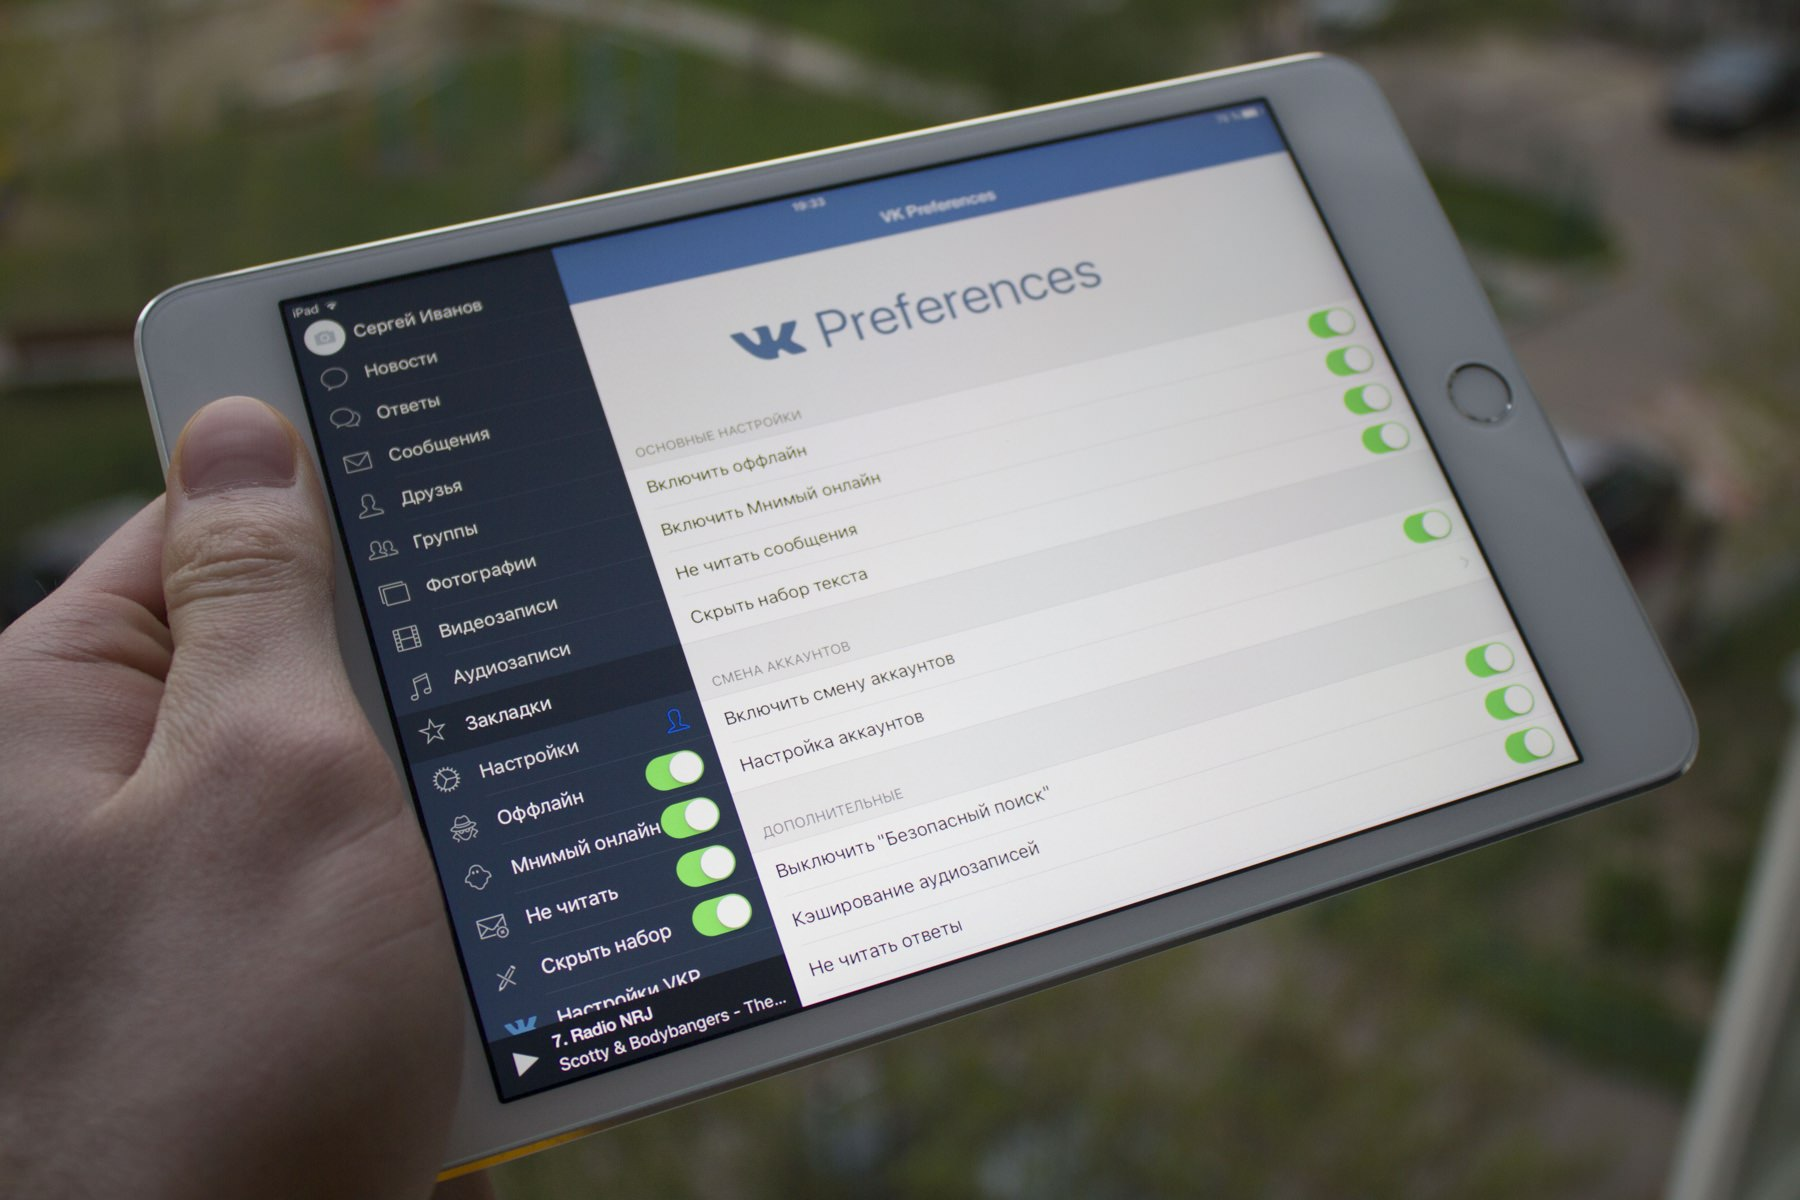 Как установить клиент «ВКонтакте» для iPad с расширением VKPreferences без джейлбрейка